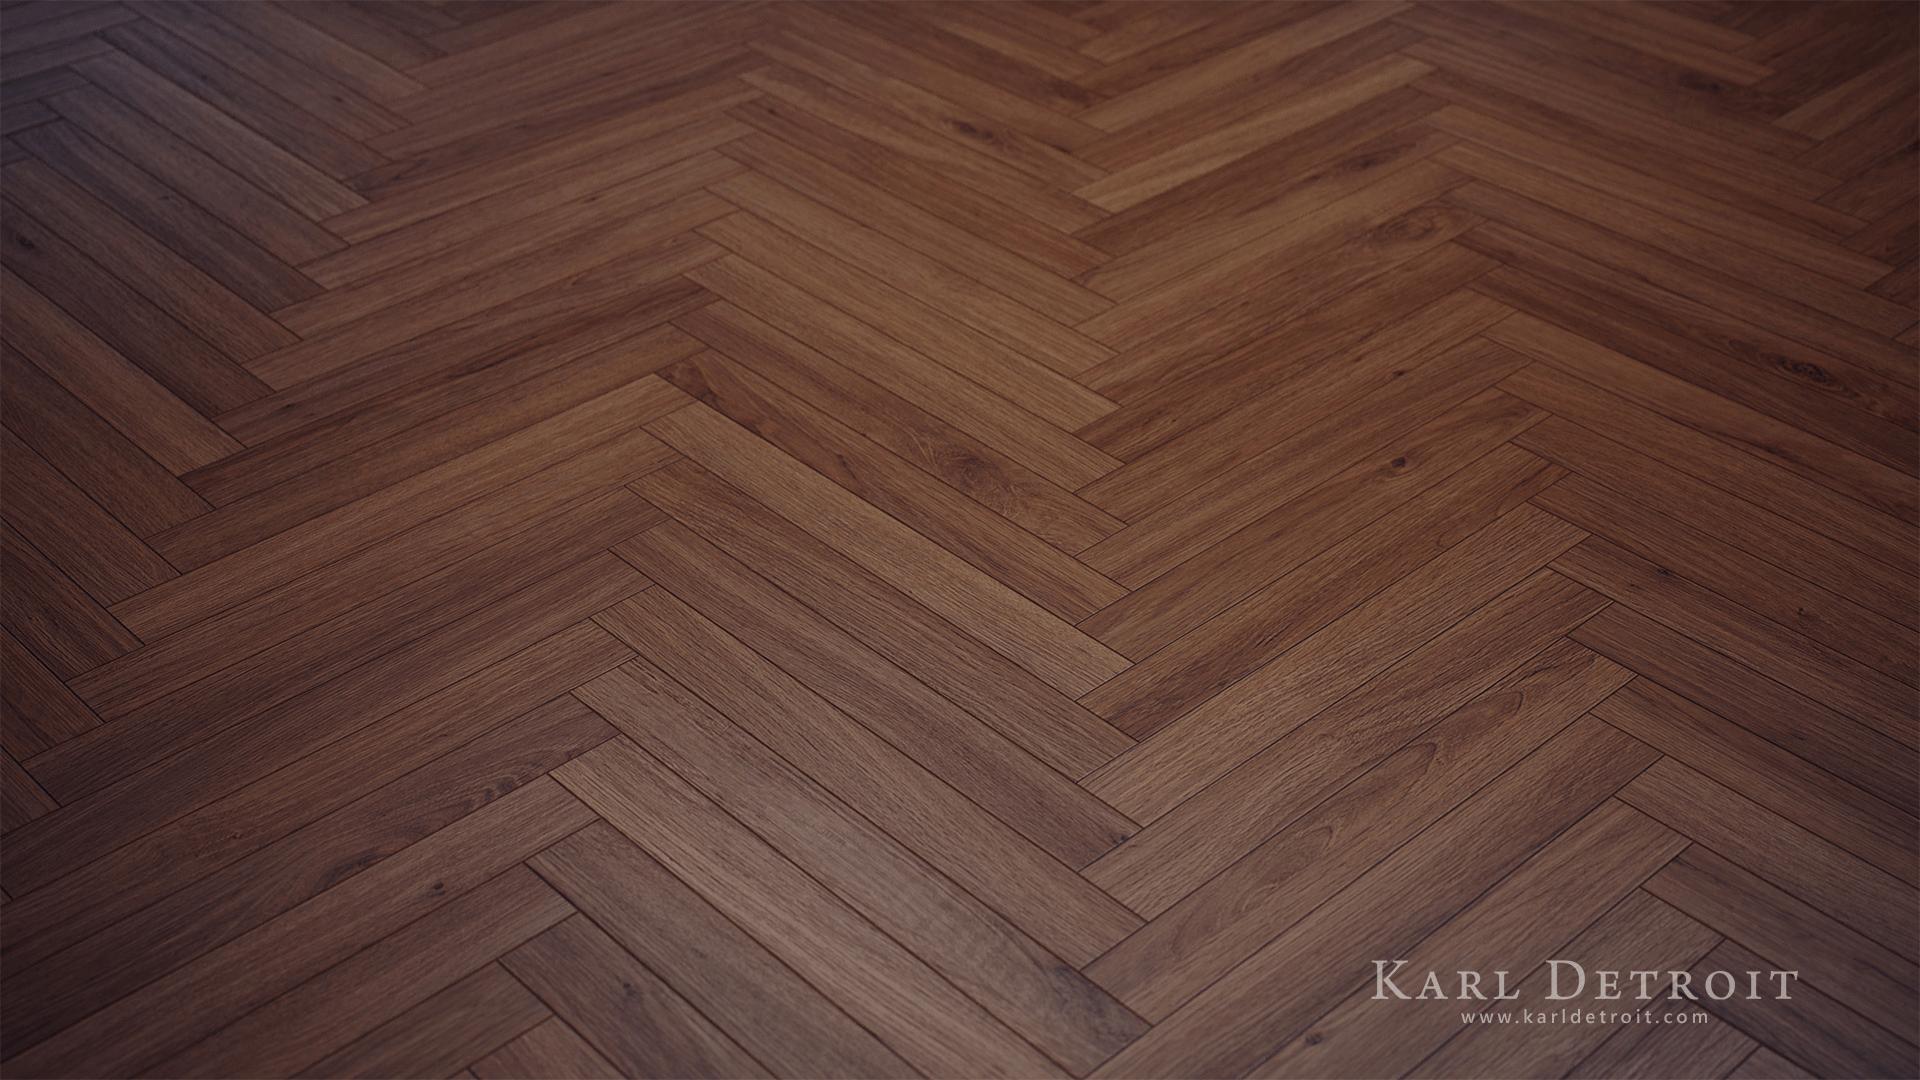 4k Materials Wood Flooring Vol01 By Karl Detroit In